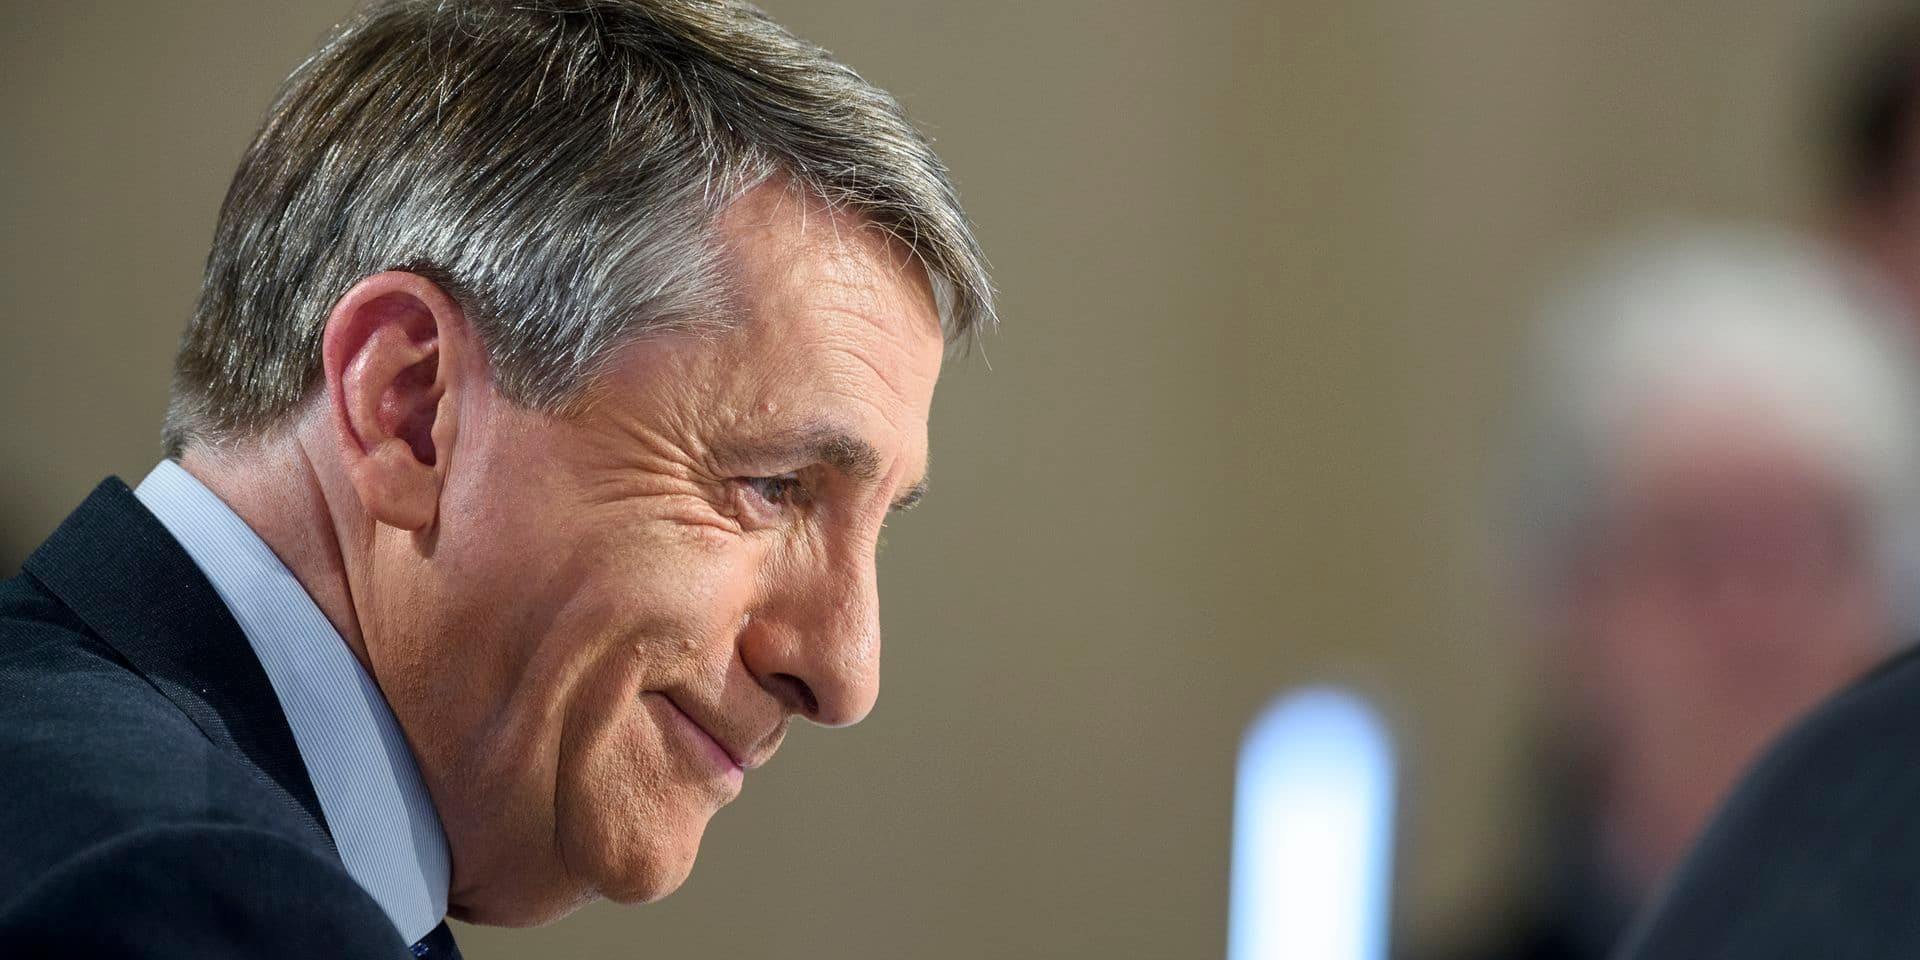 La nouvelle fonction d'Olivier Maingain ne fait pas l'unanimité